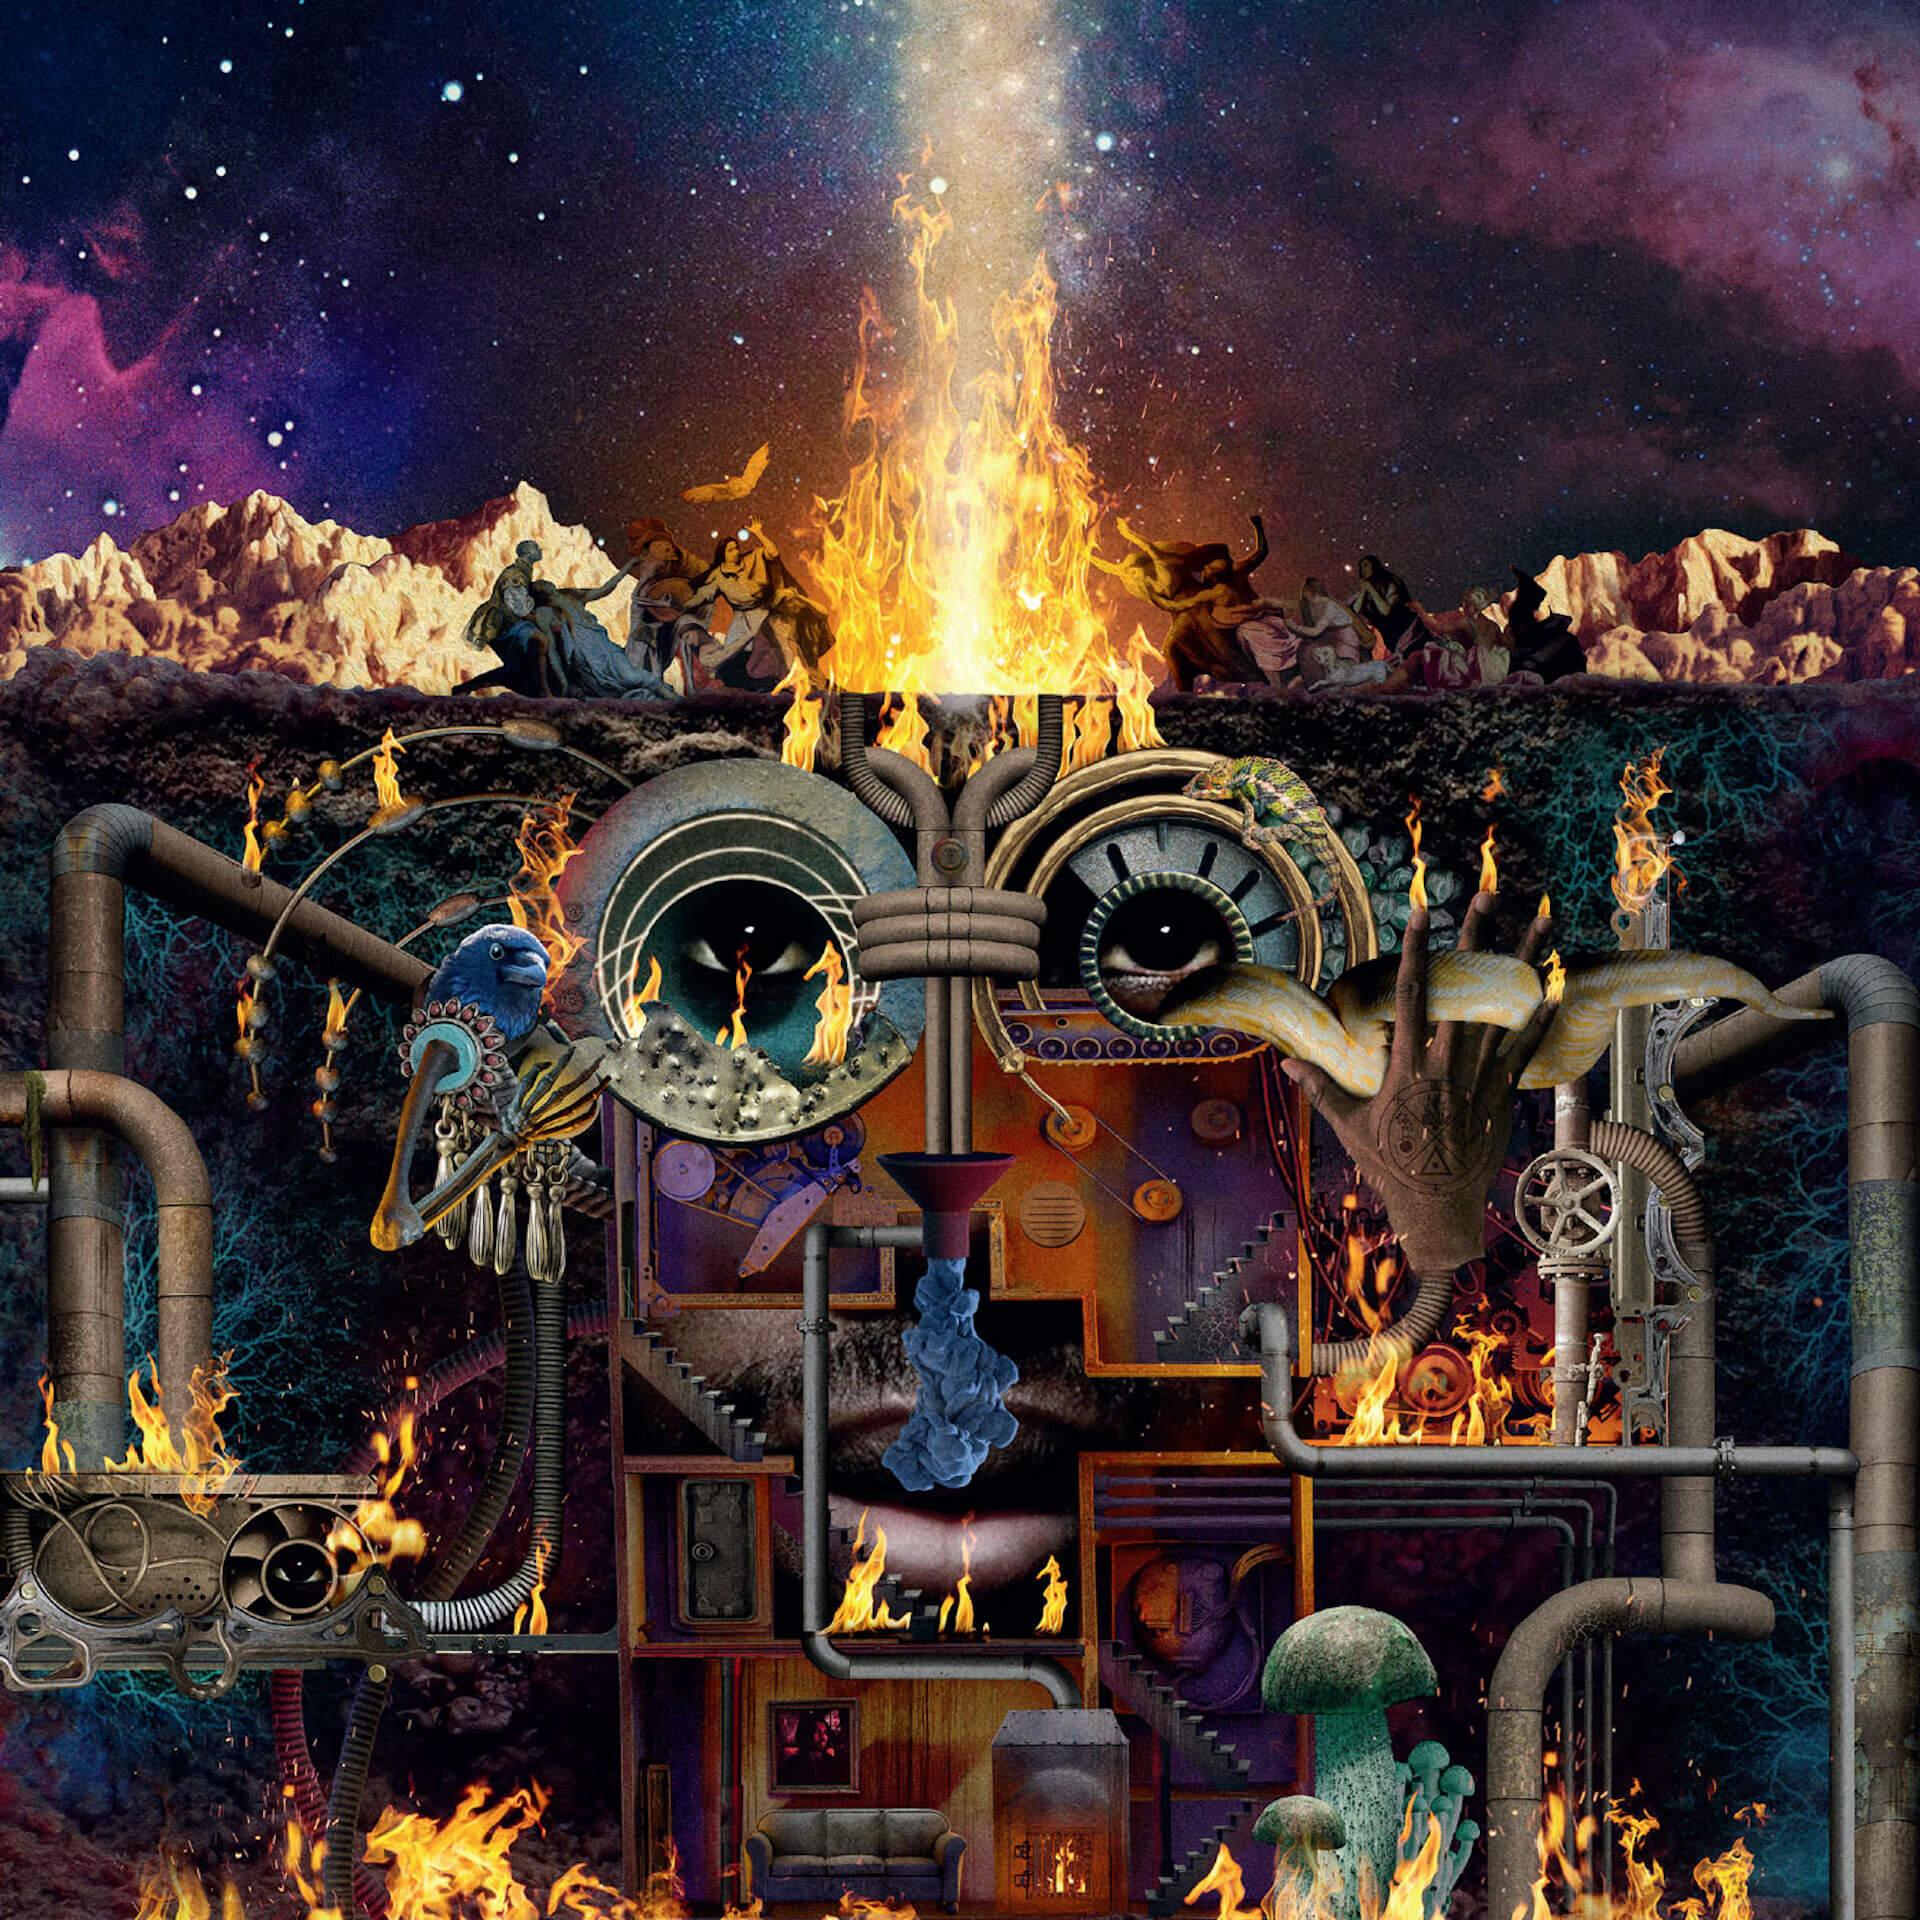 Thundercatの最新作『It Is What It Is』が第63回グラミー賞ノミネート!Flying Lotusと〈Brainfeeder〉のA/Vライブは今週末配信 music201126-thundercat_01